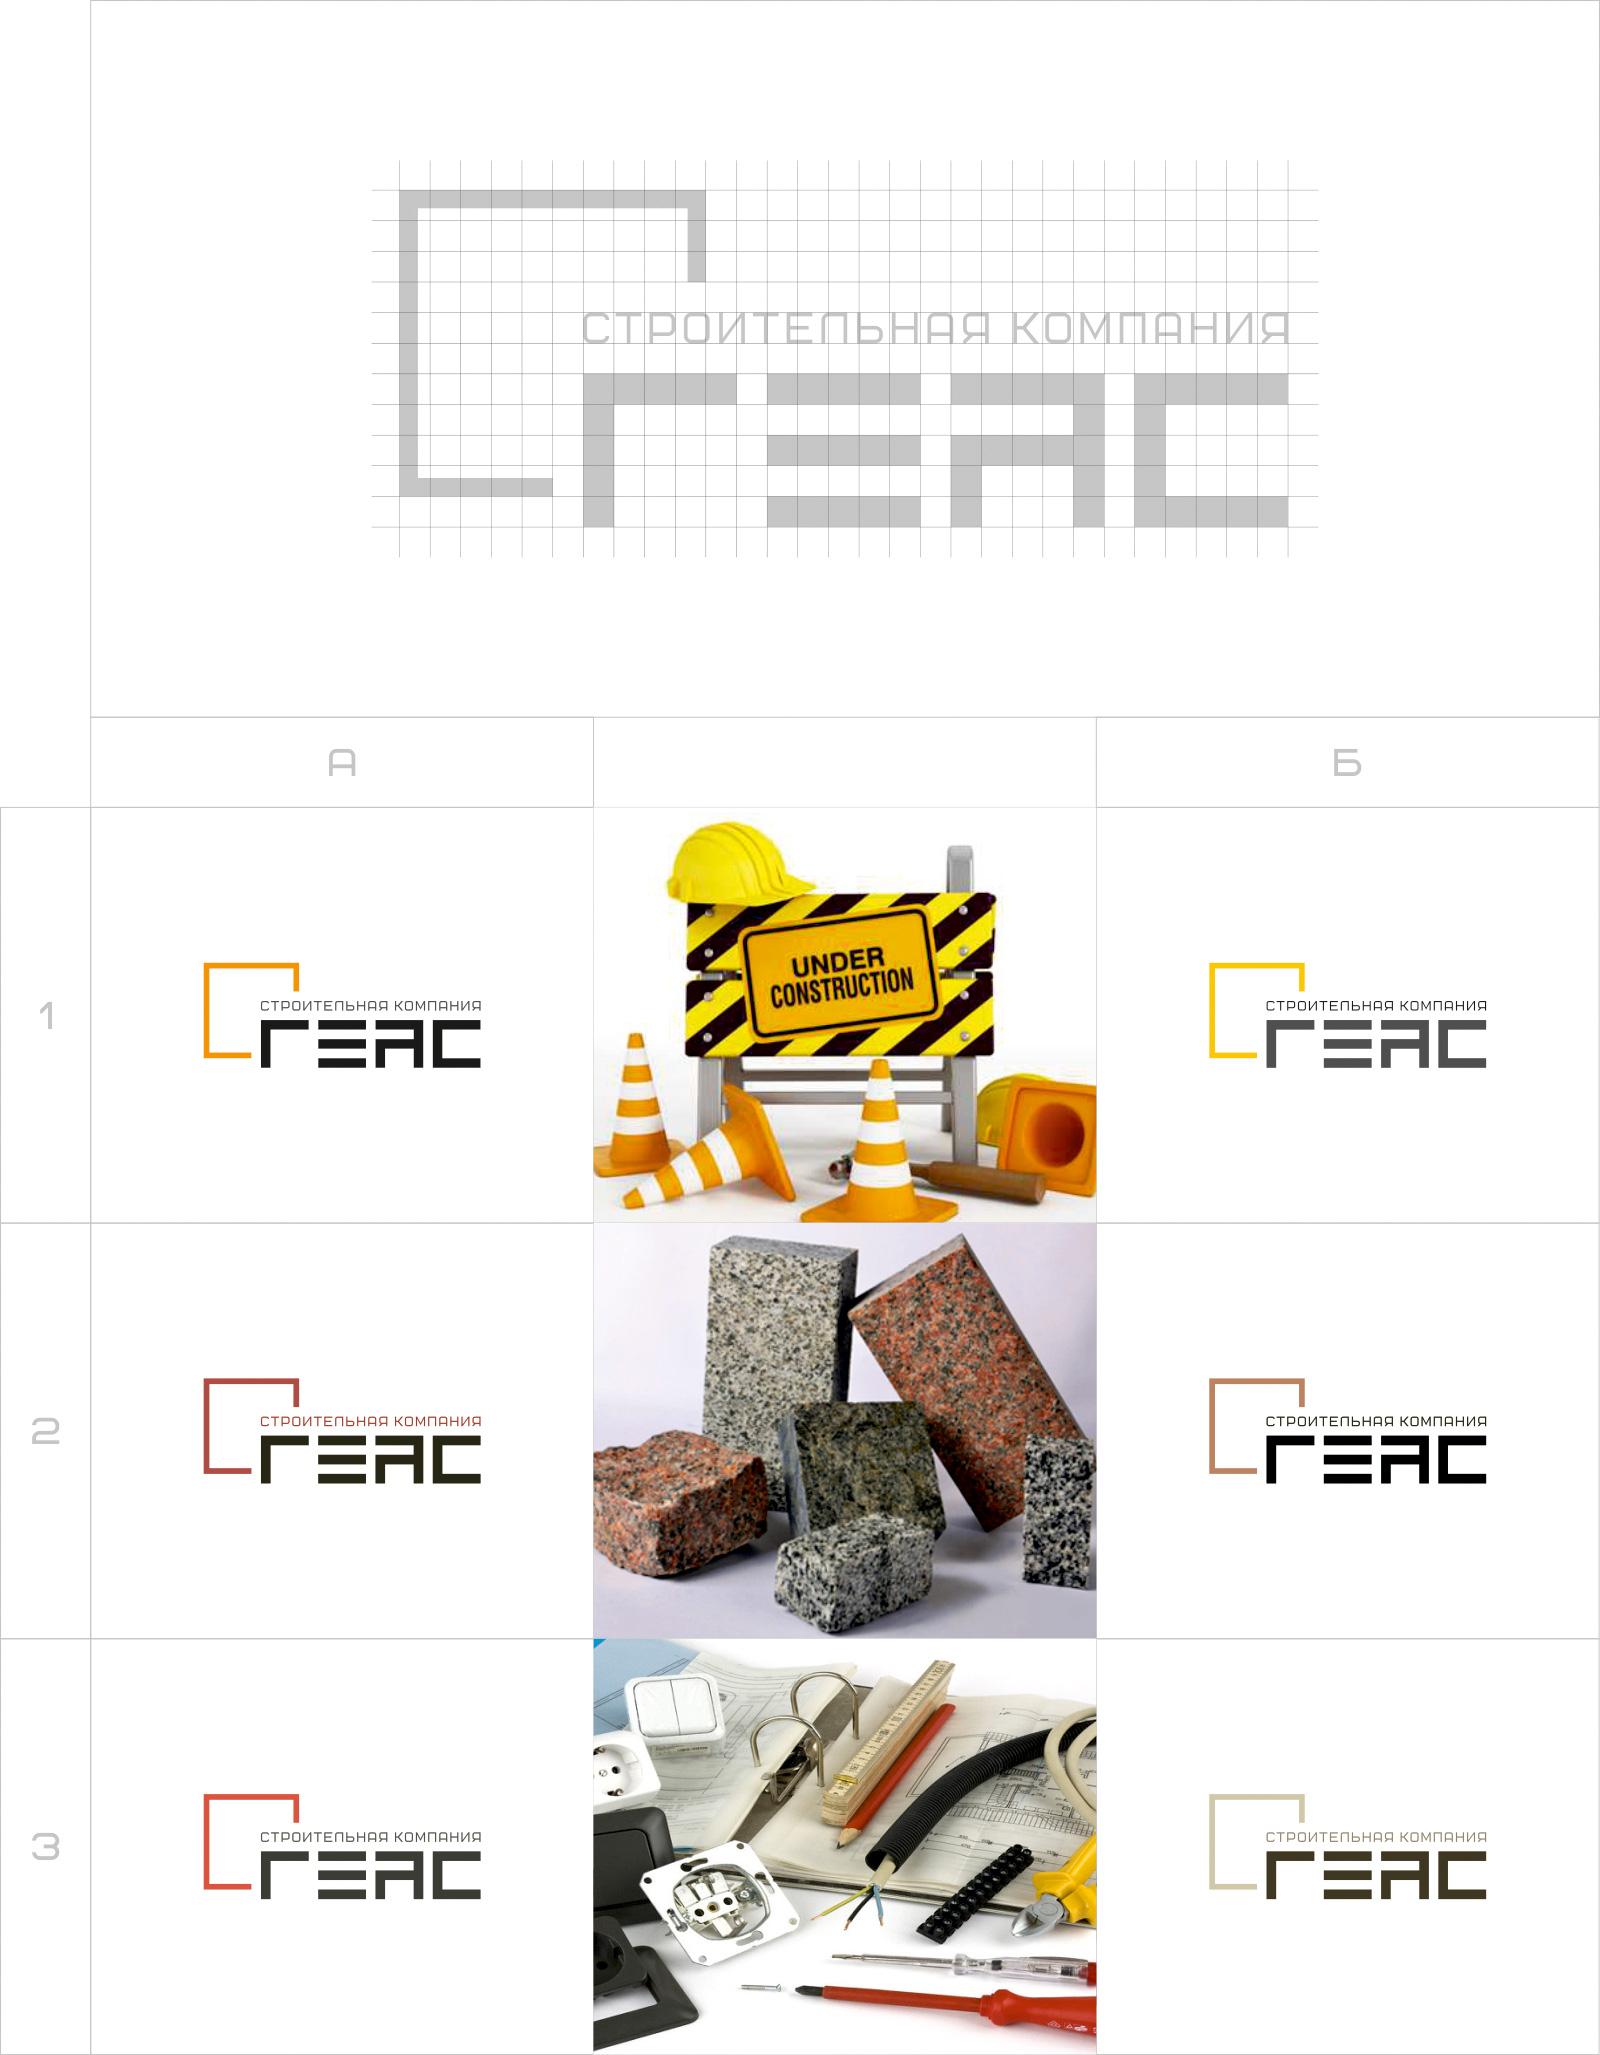 Цветовое решения для логотипа строительной компании